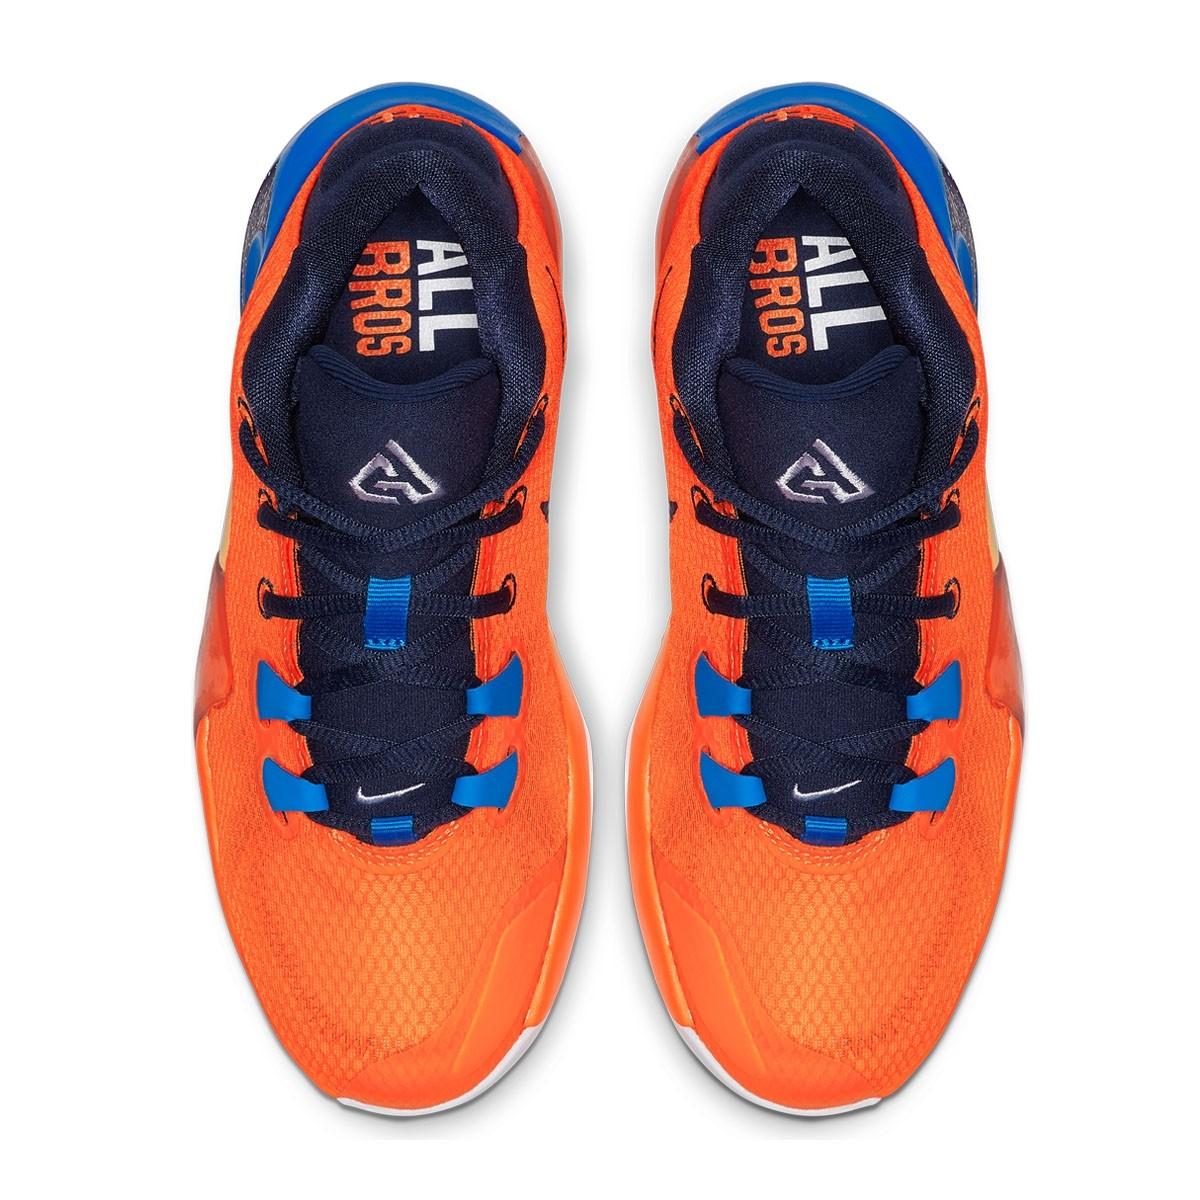 Nike Zoom Freak 1 'Antetokounbros' BQ5422-800